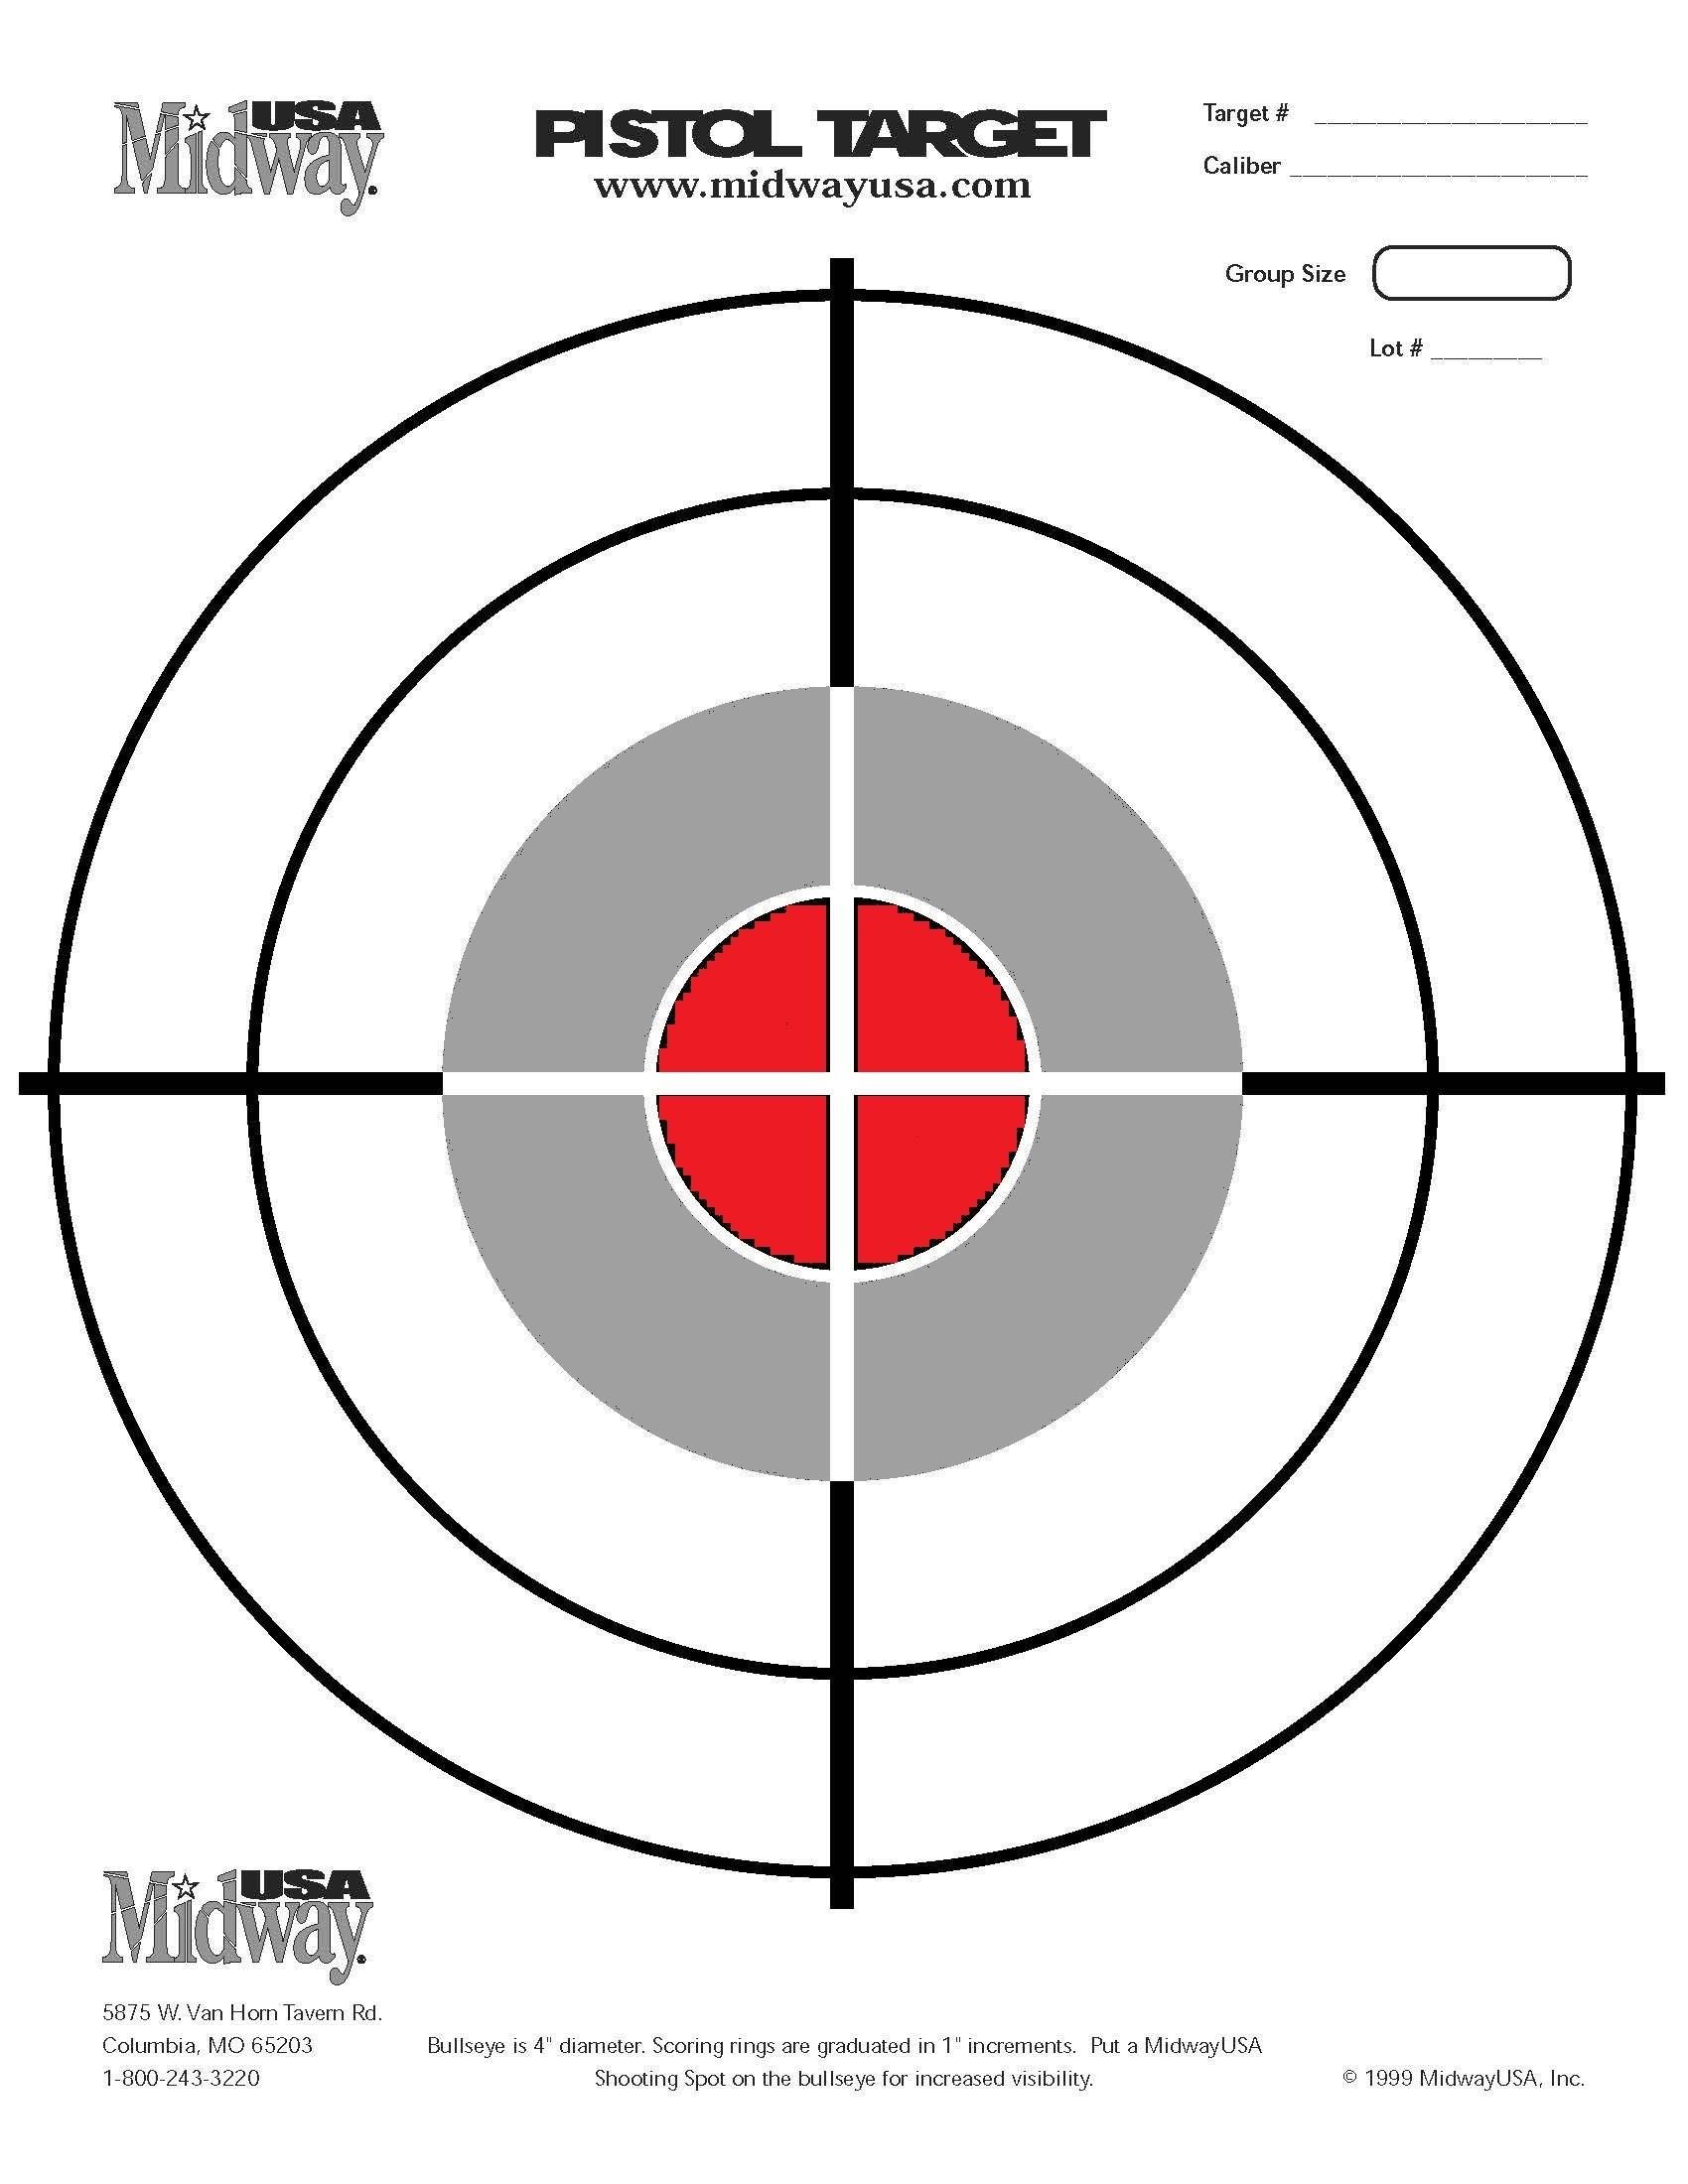 60 Fun Printable Targets | Kittybabylove - Free Printable Bullseye